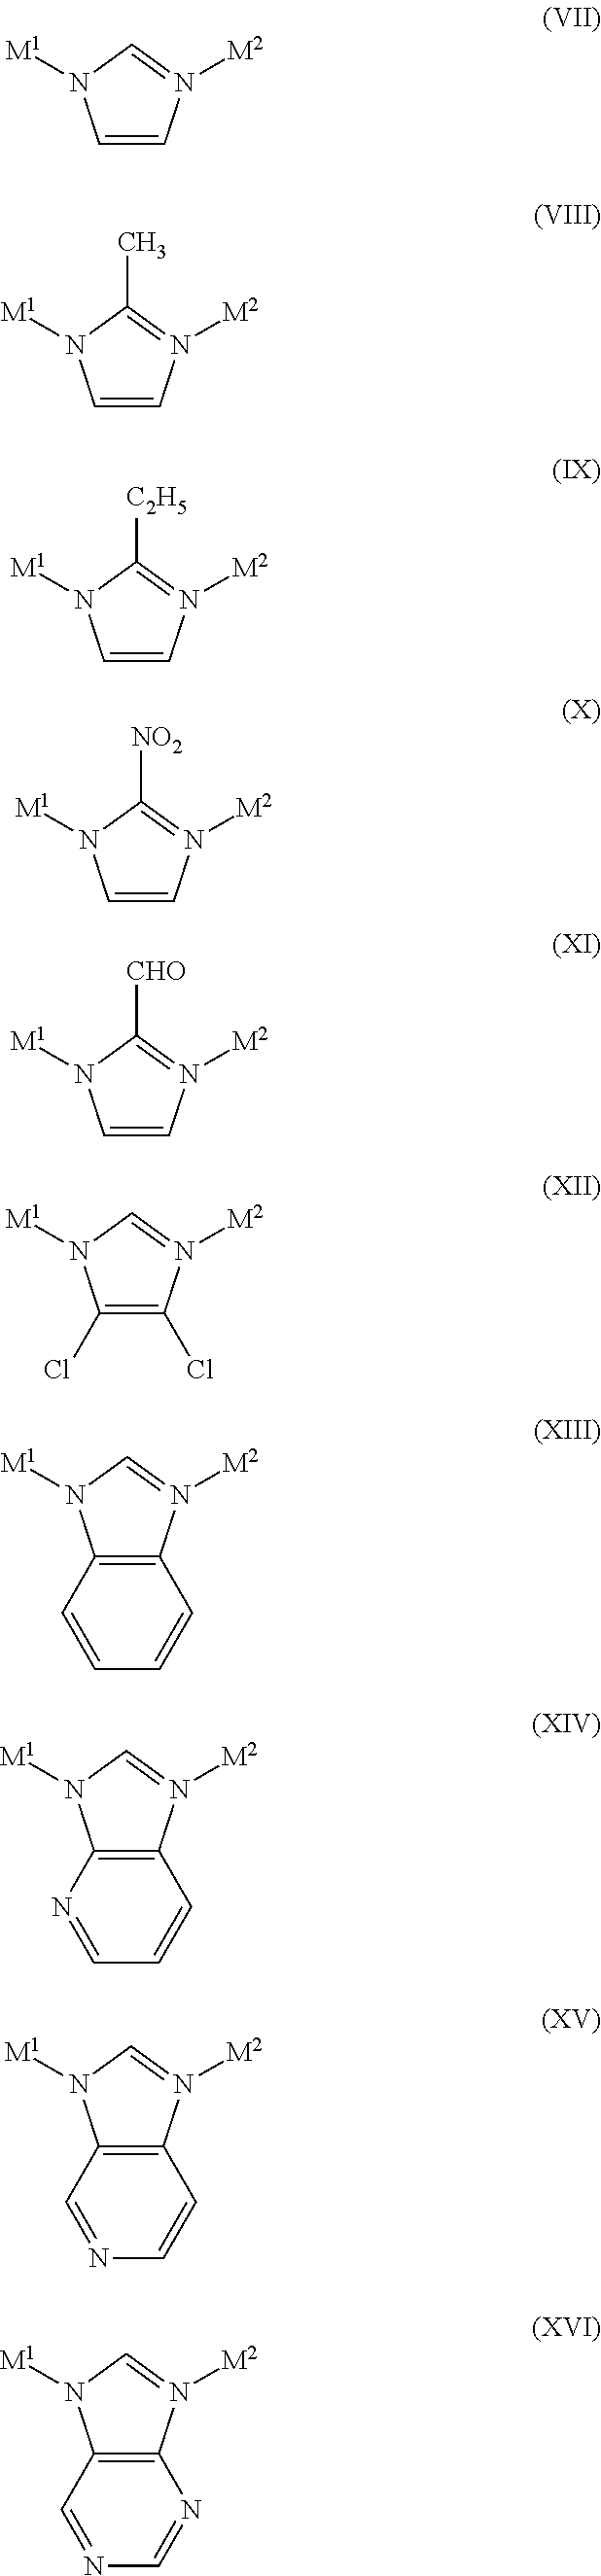 Figure US08920541-20141230-C00013